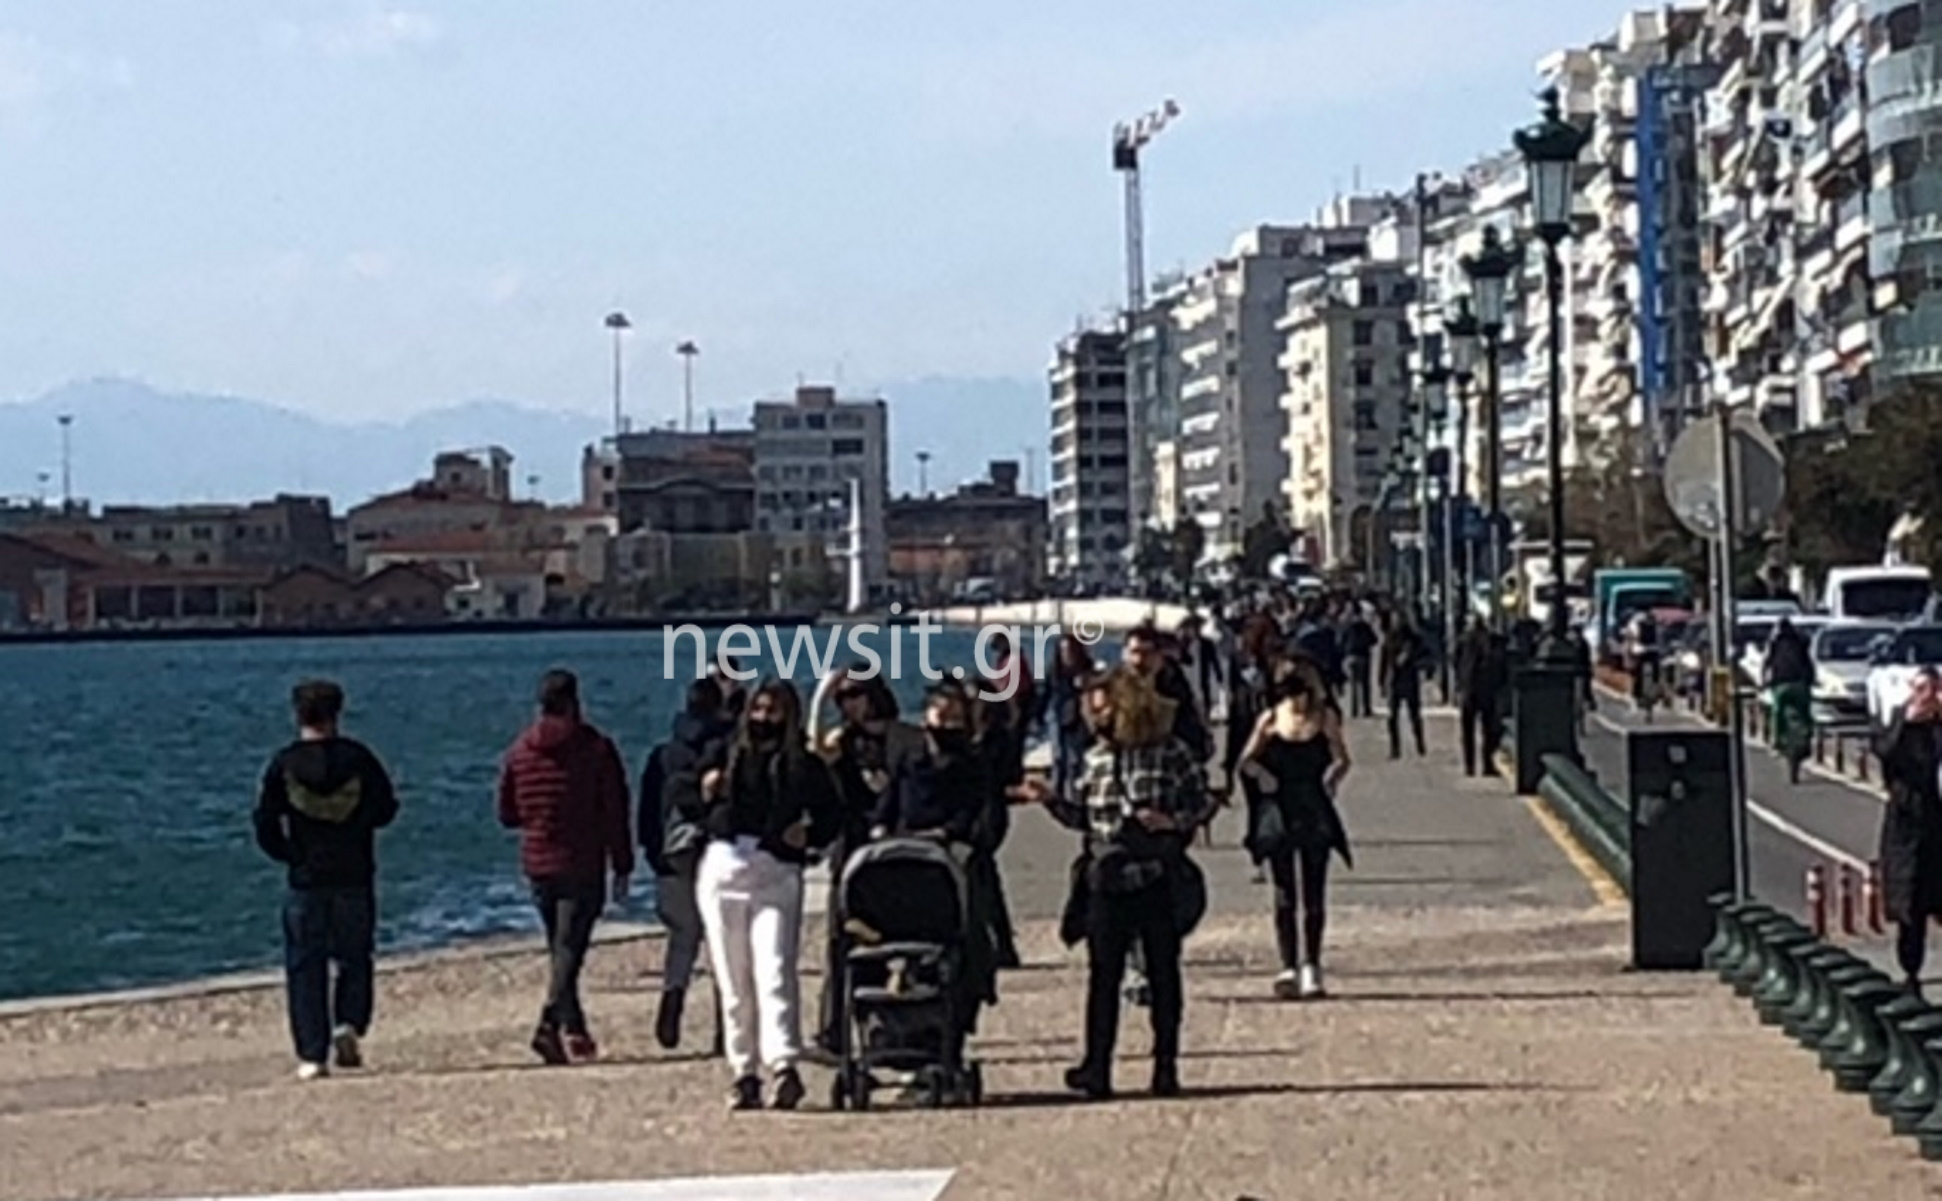 Κορονοϊός: Τι ανησυχεί περισσότερο τους Θεσσαλονικείς στην πανδημία – Αποκαλυπτική έρευνα